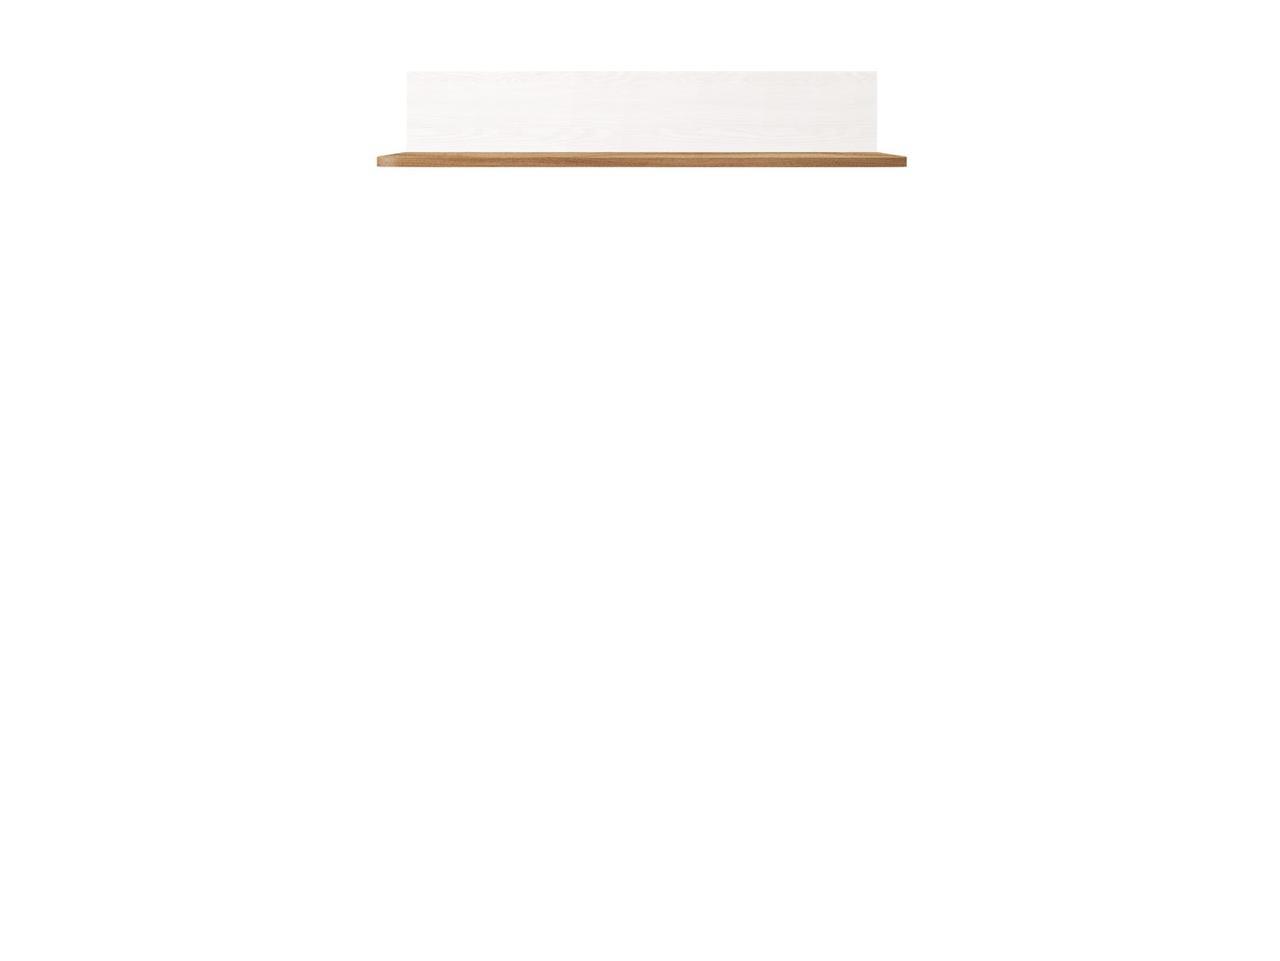 Полка навесная, коллекции Мальта, Лиственница сибирская, БРВ Брест (Беларусь)